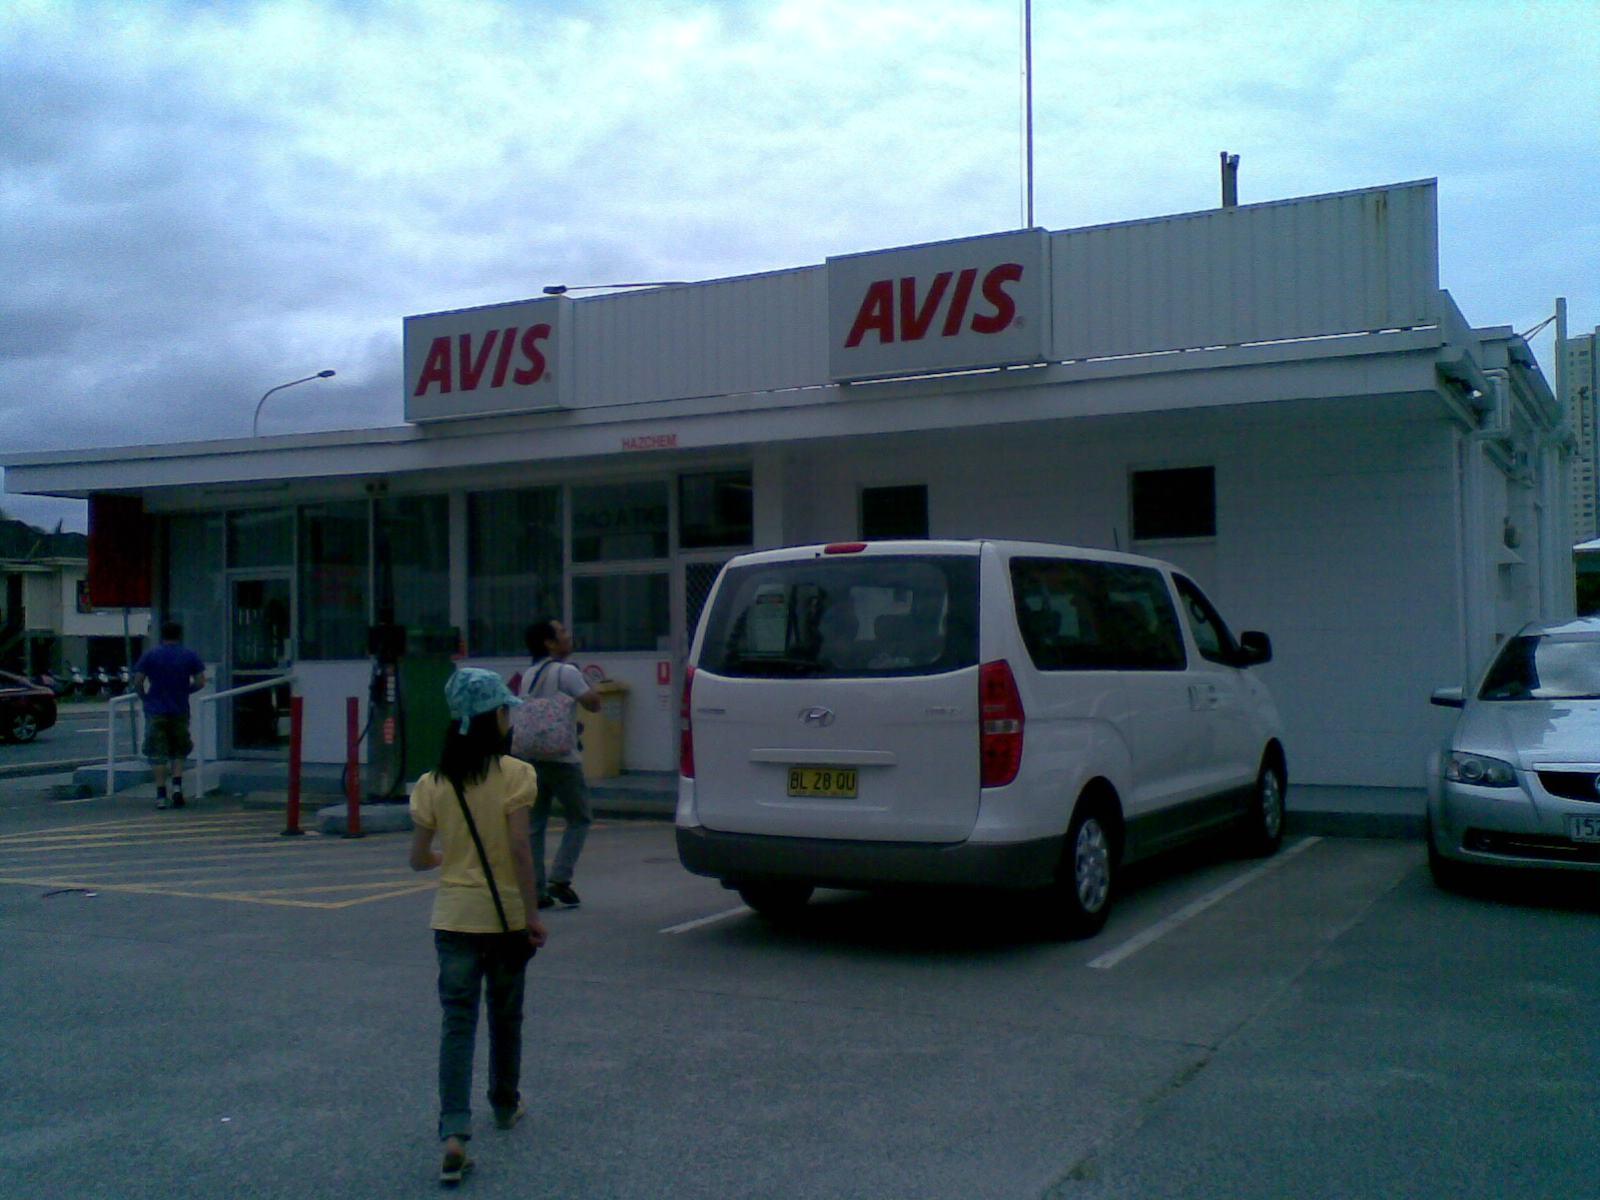 Menyewa Dan Menyetir Mobil Di Australia Tempat Kartu Uang Koin